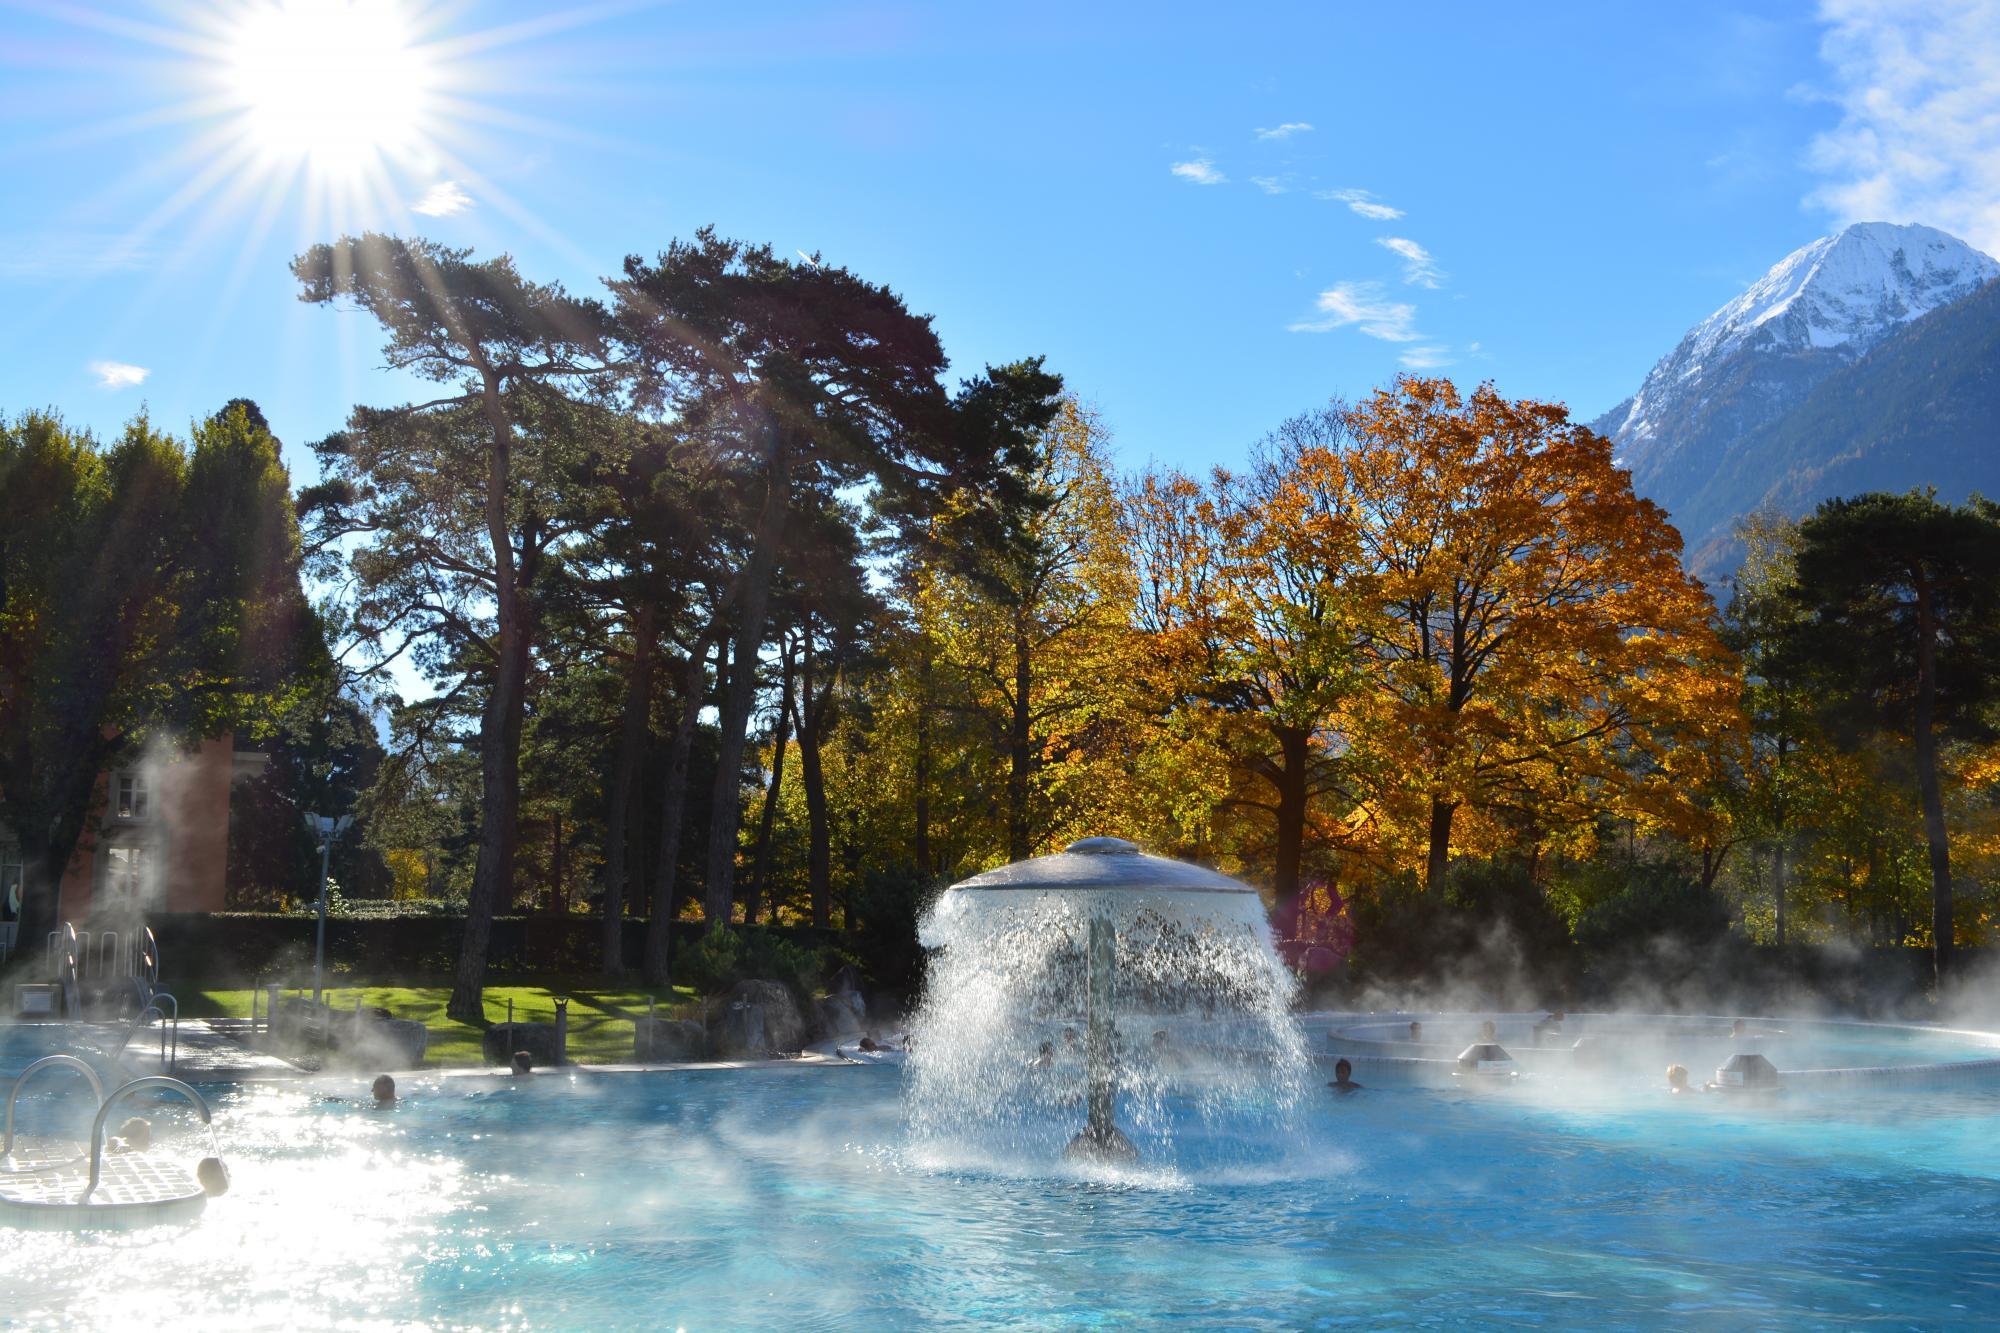 lavey les bains thermal spa villars gryon les diablerets bex switzerland